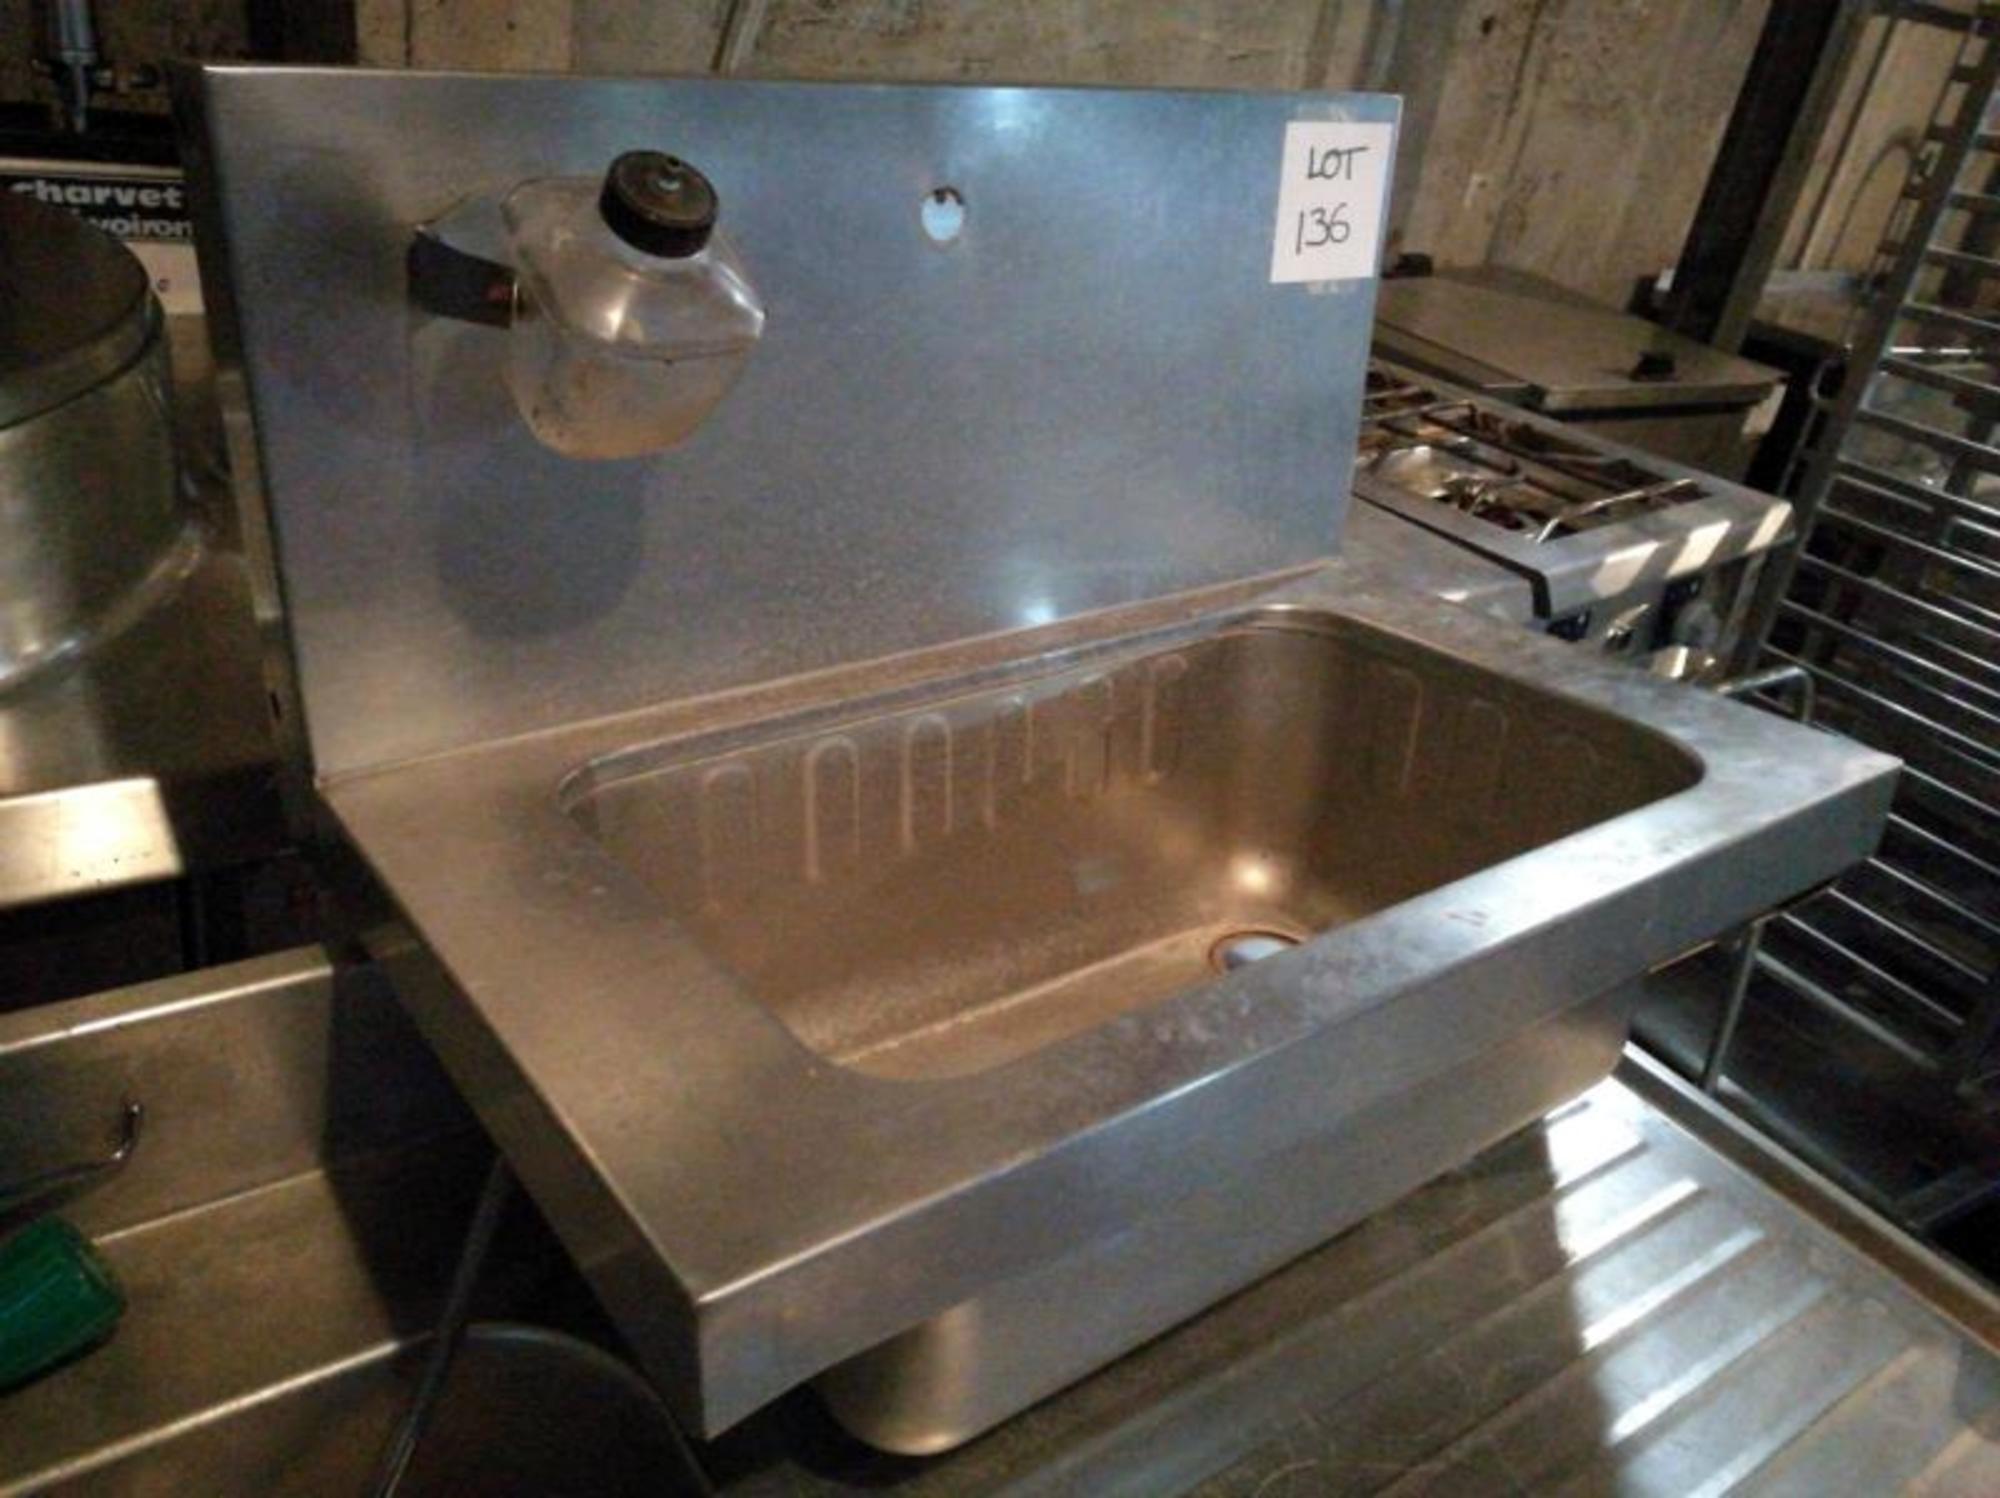 Lavabo lot 136 equipement de cuisine d 39 occasion aux for Equipement de cuisine